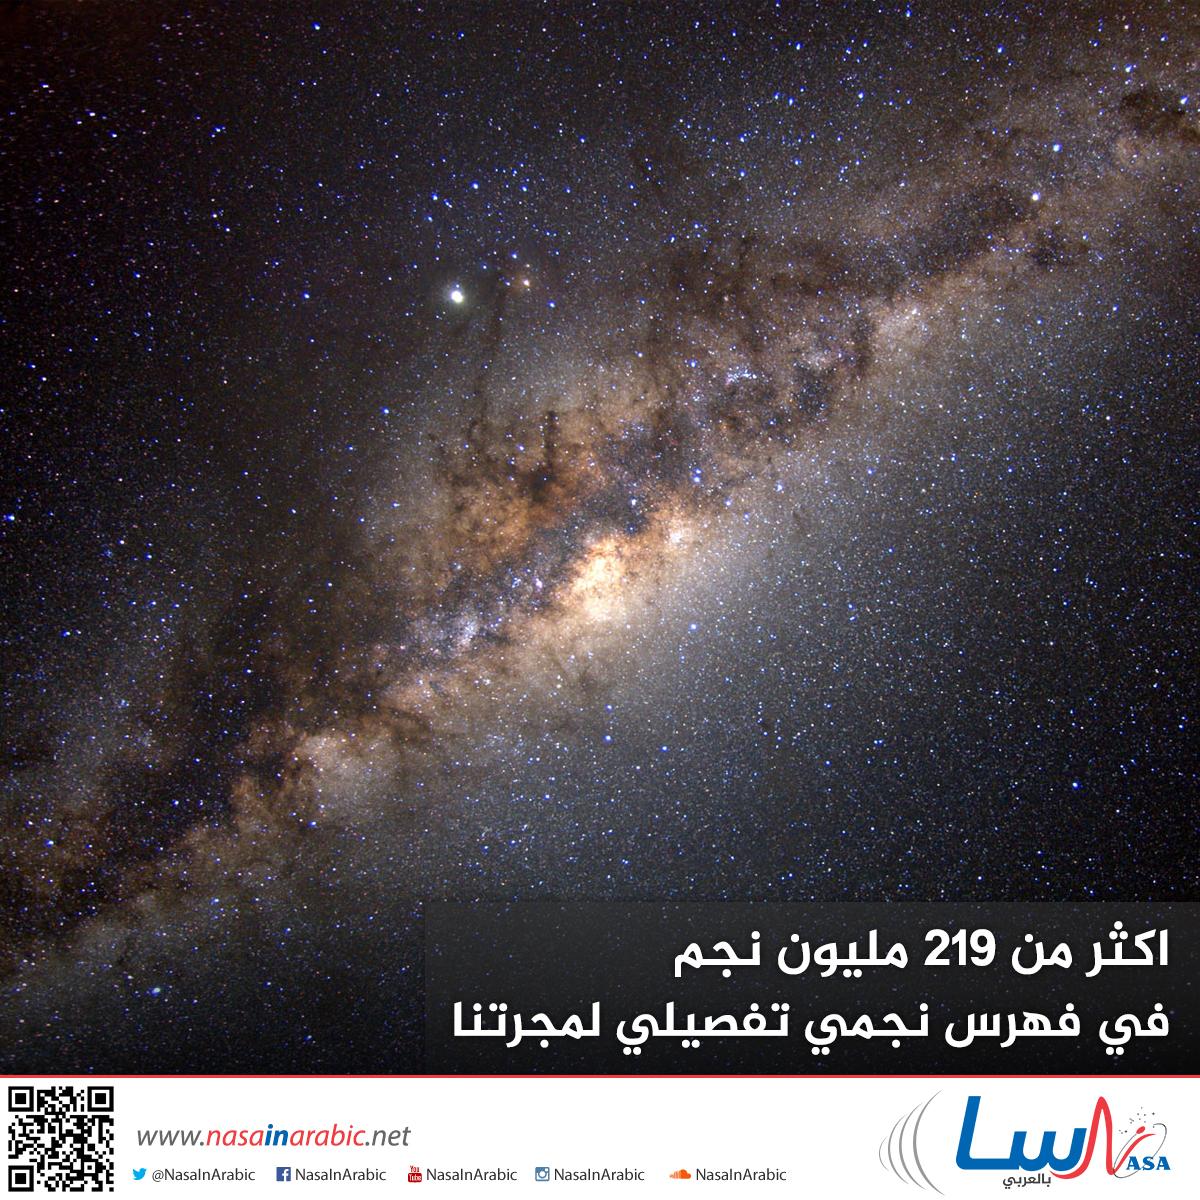 كاتالوج تفصيلي لدرب التبانة المرئية يضم أكثر من 219 مليون نجم